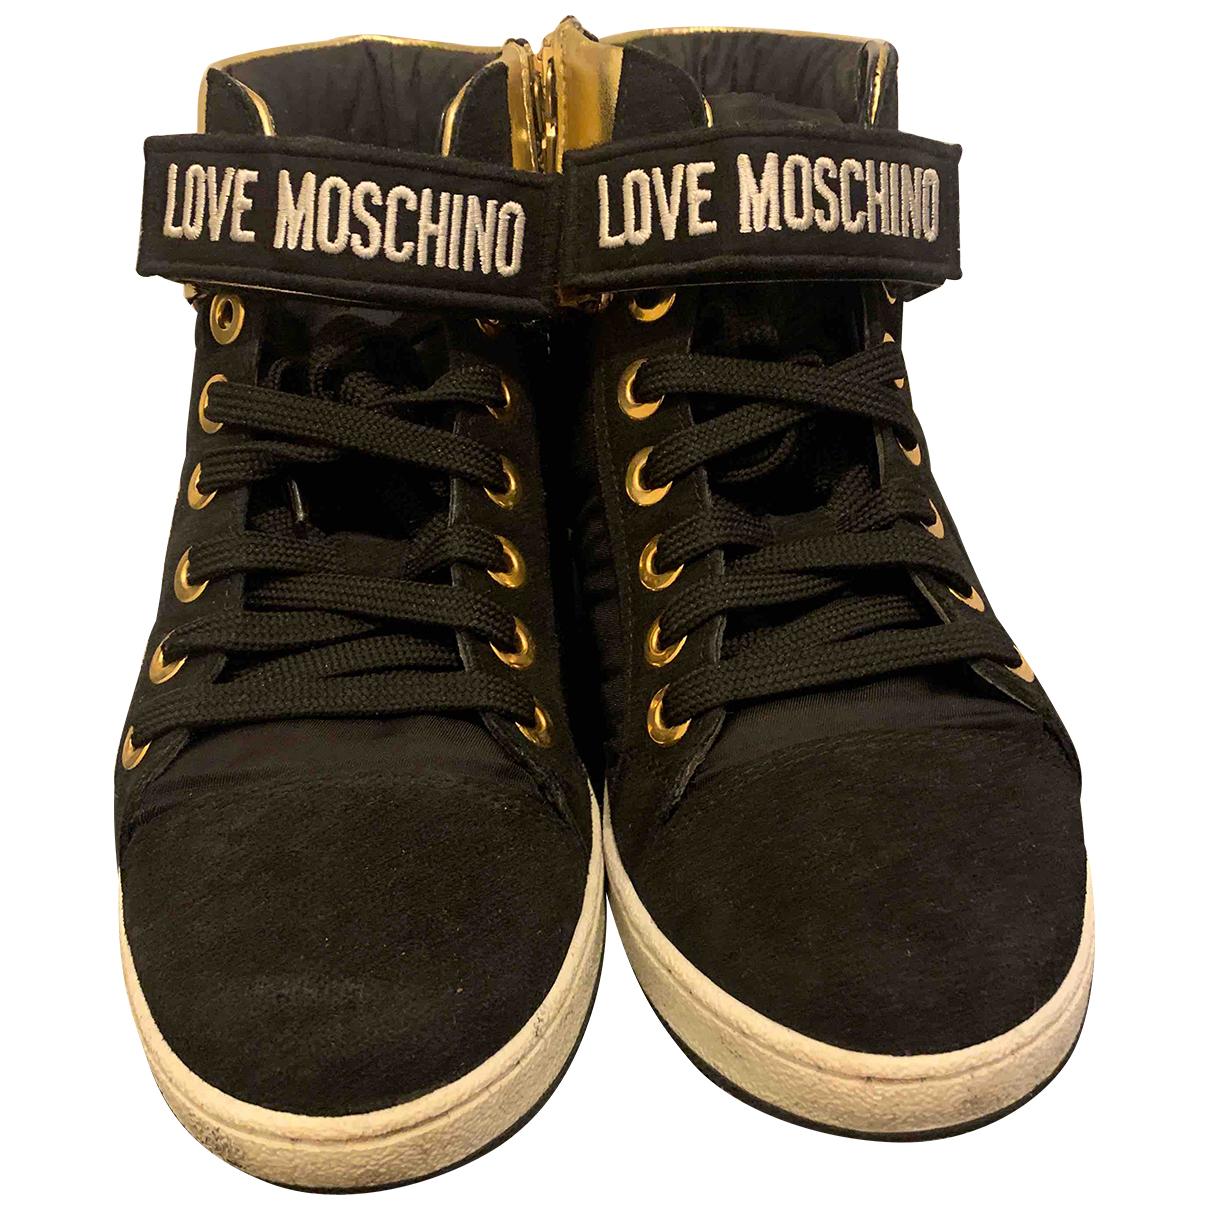 Deportivas de Lona Moschino Love